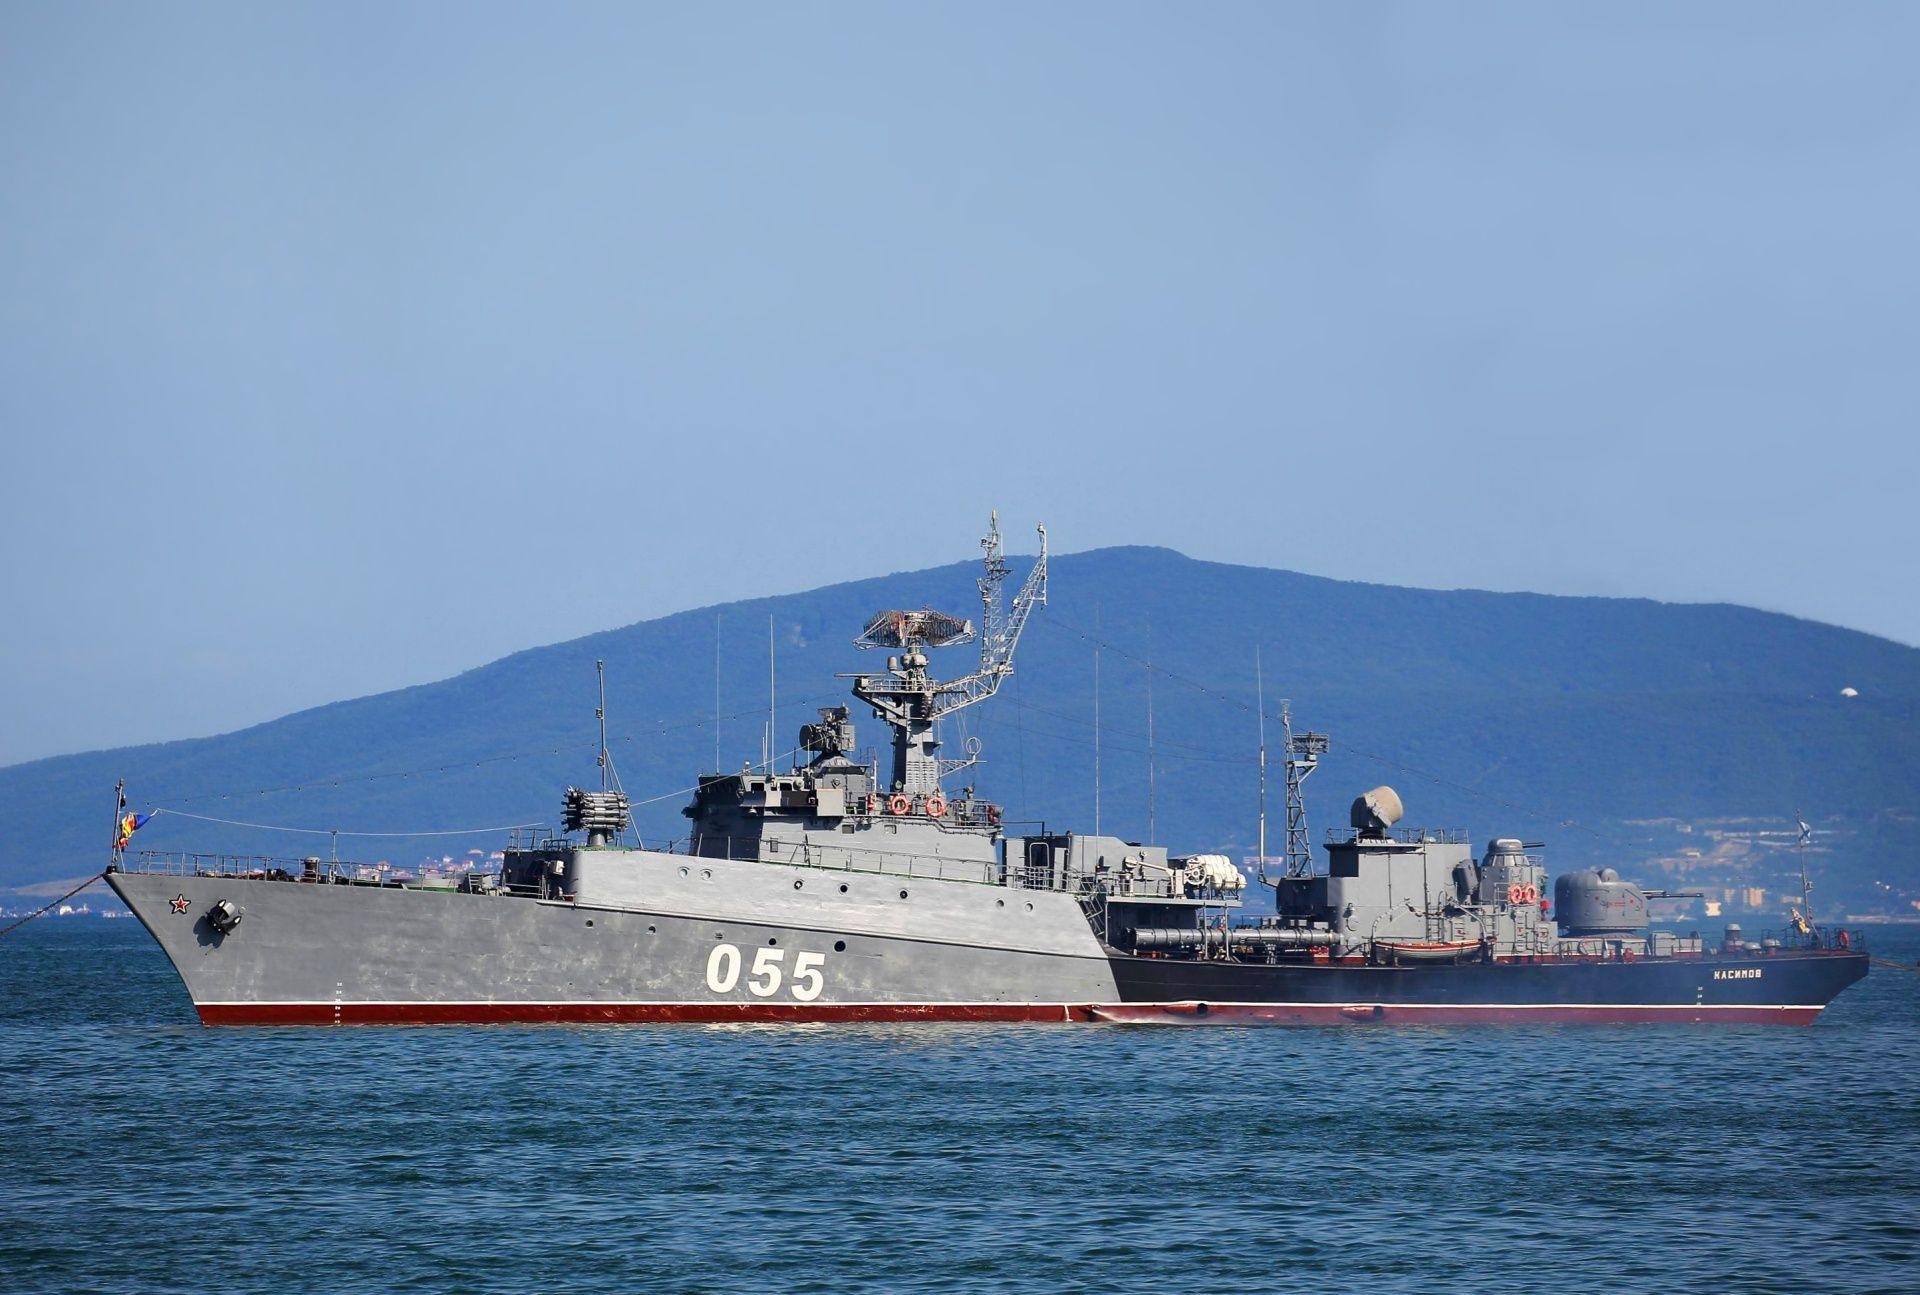 США провели совместное учение с НАТО по прорыву российского ПВО на Чёрном море